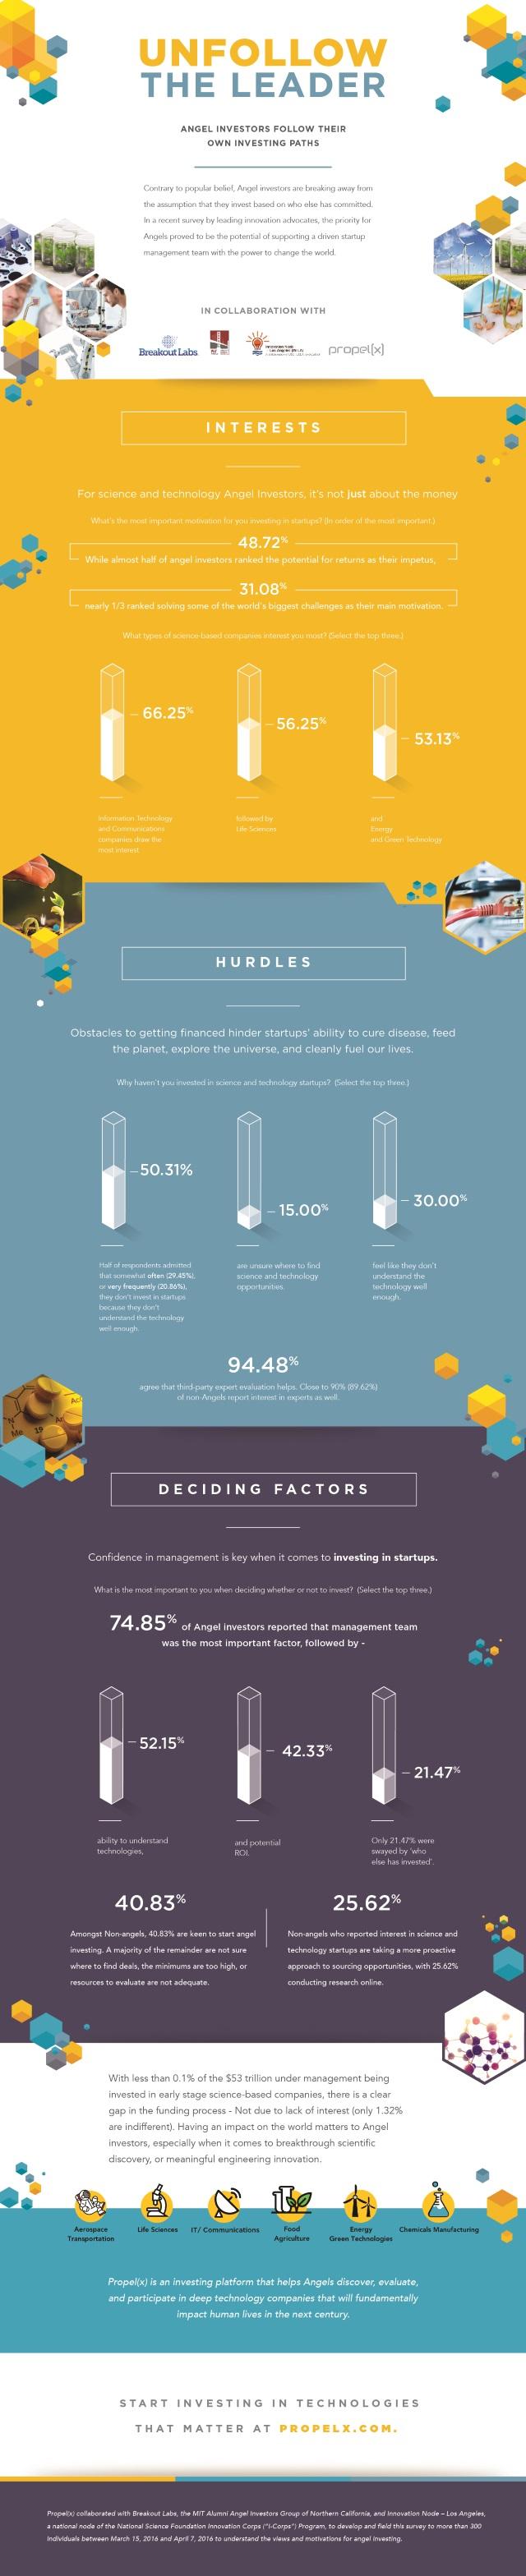 Propelx infographic